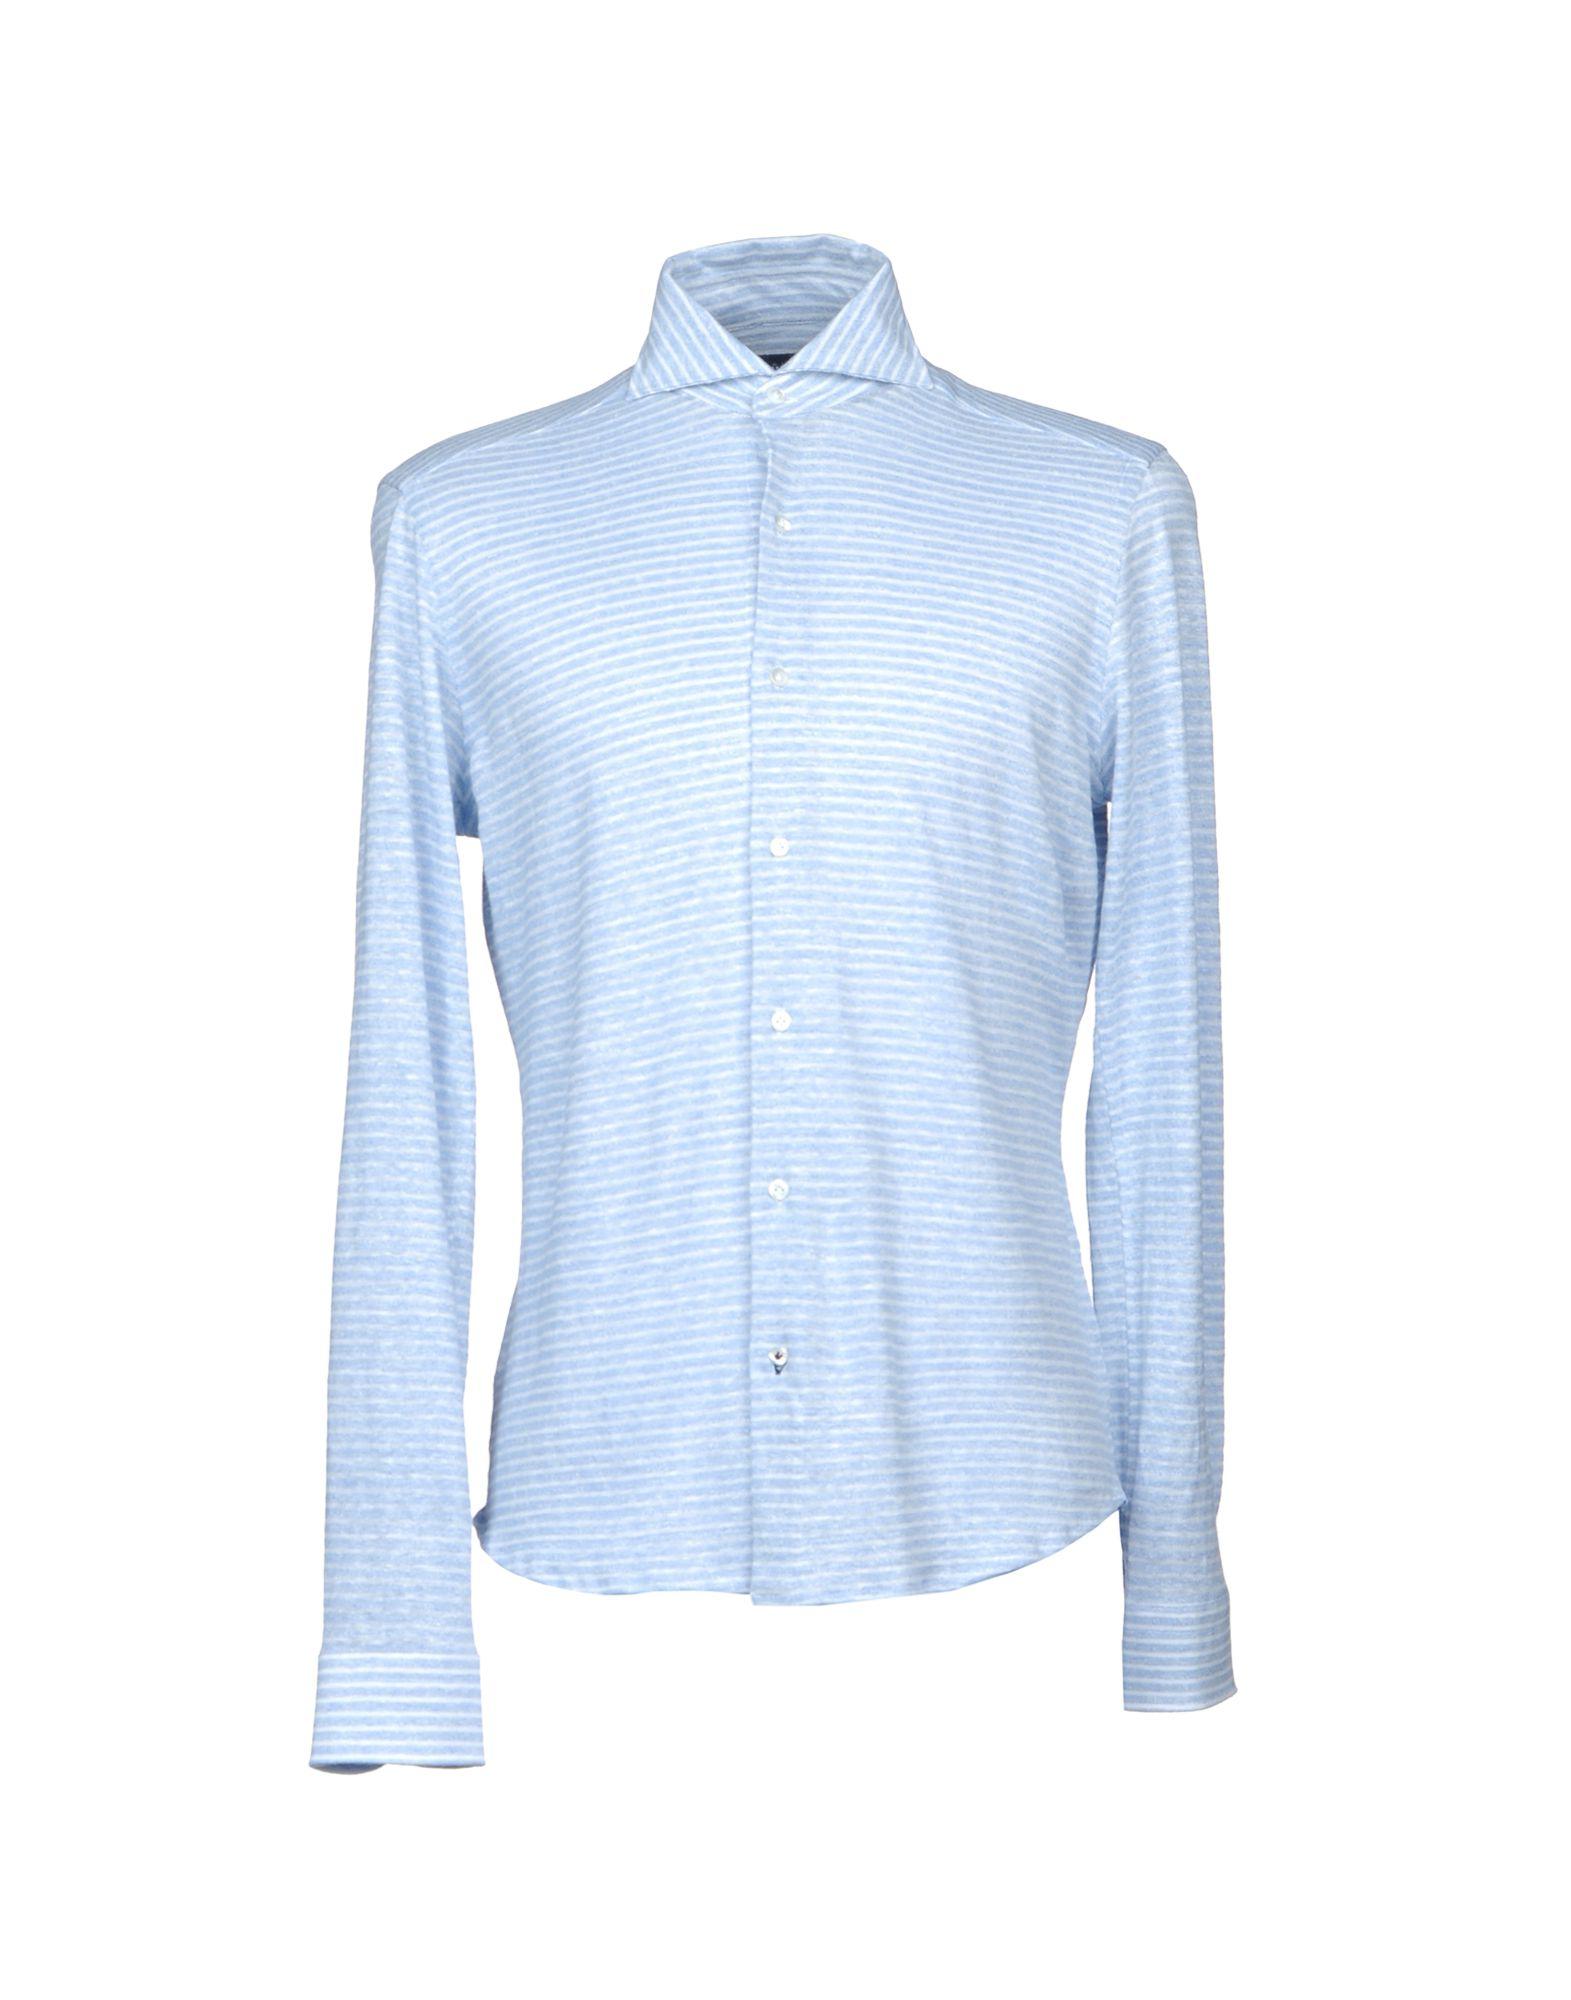 Righe online su Acquista Truzzi A Camicia Uomo 4wxg5RXq